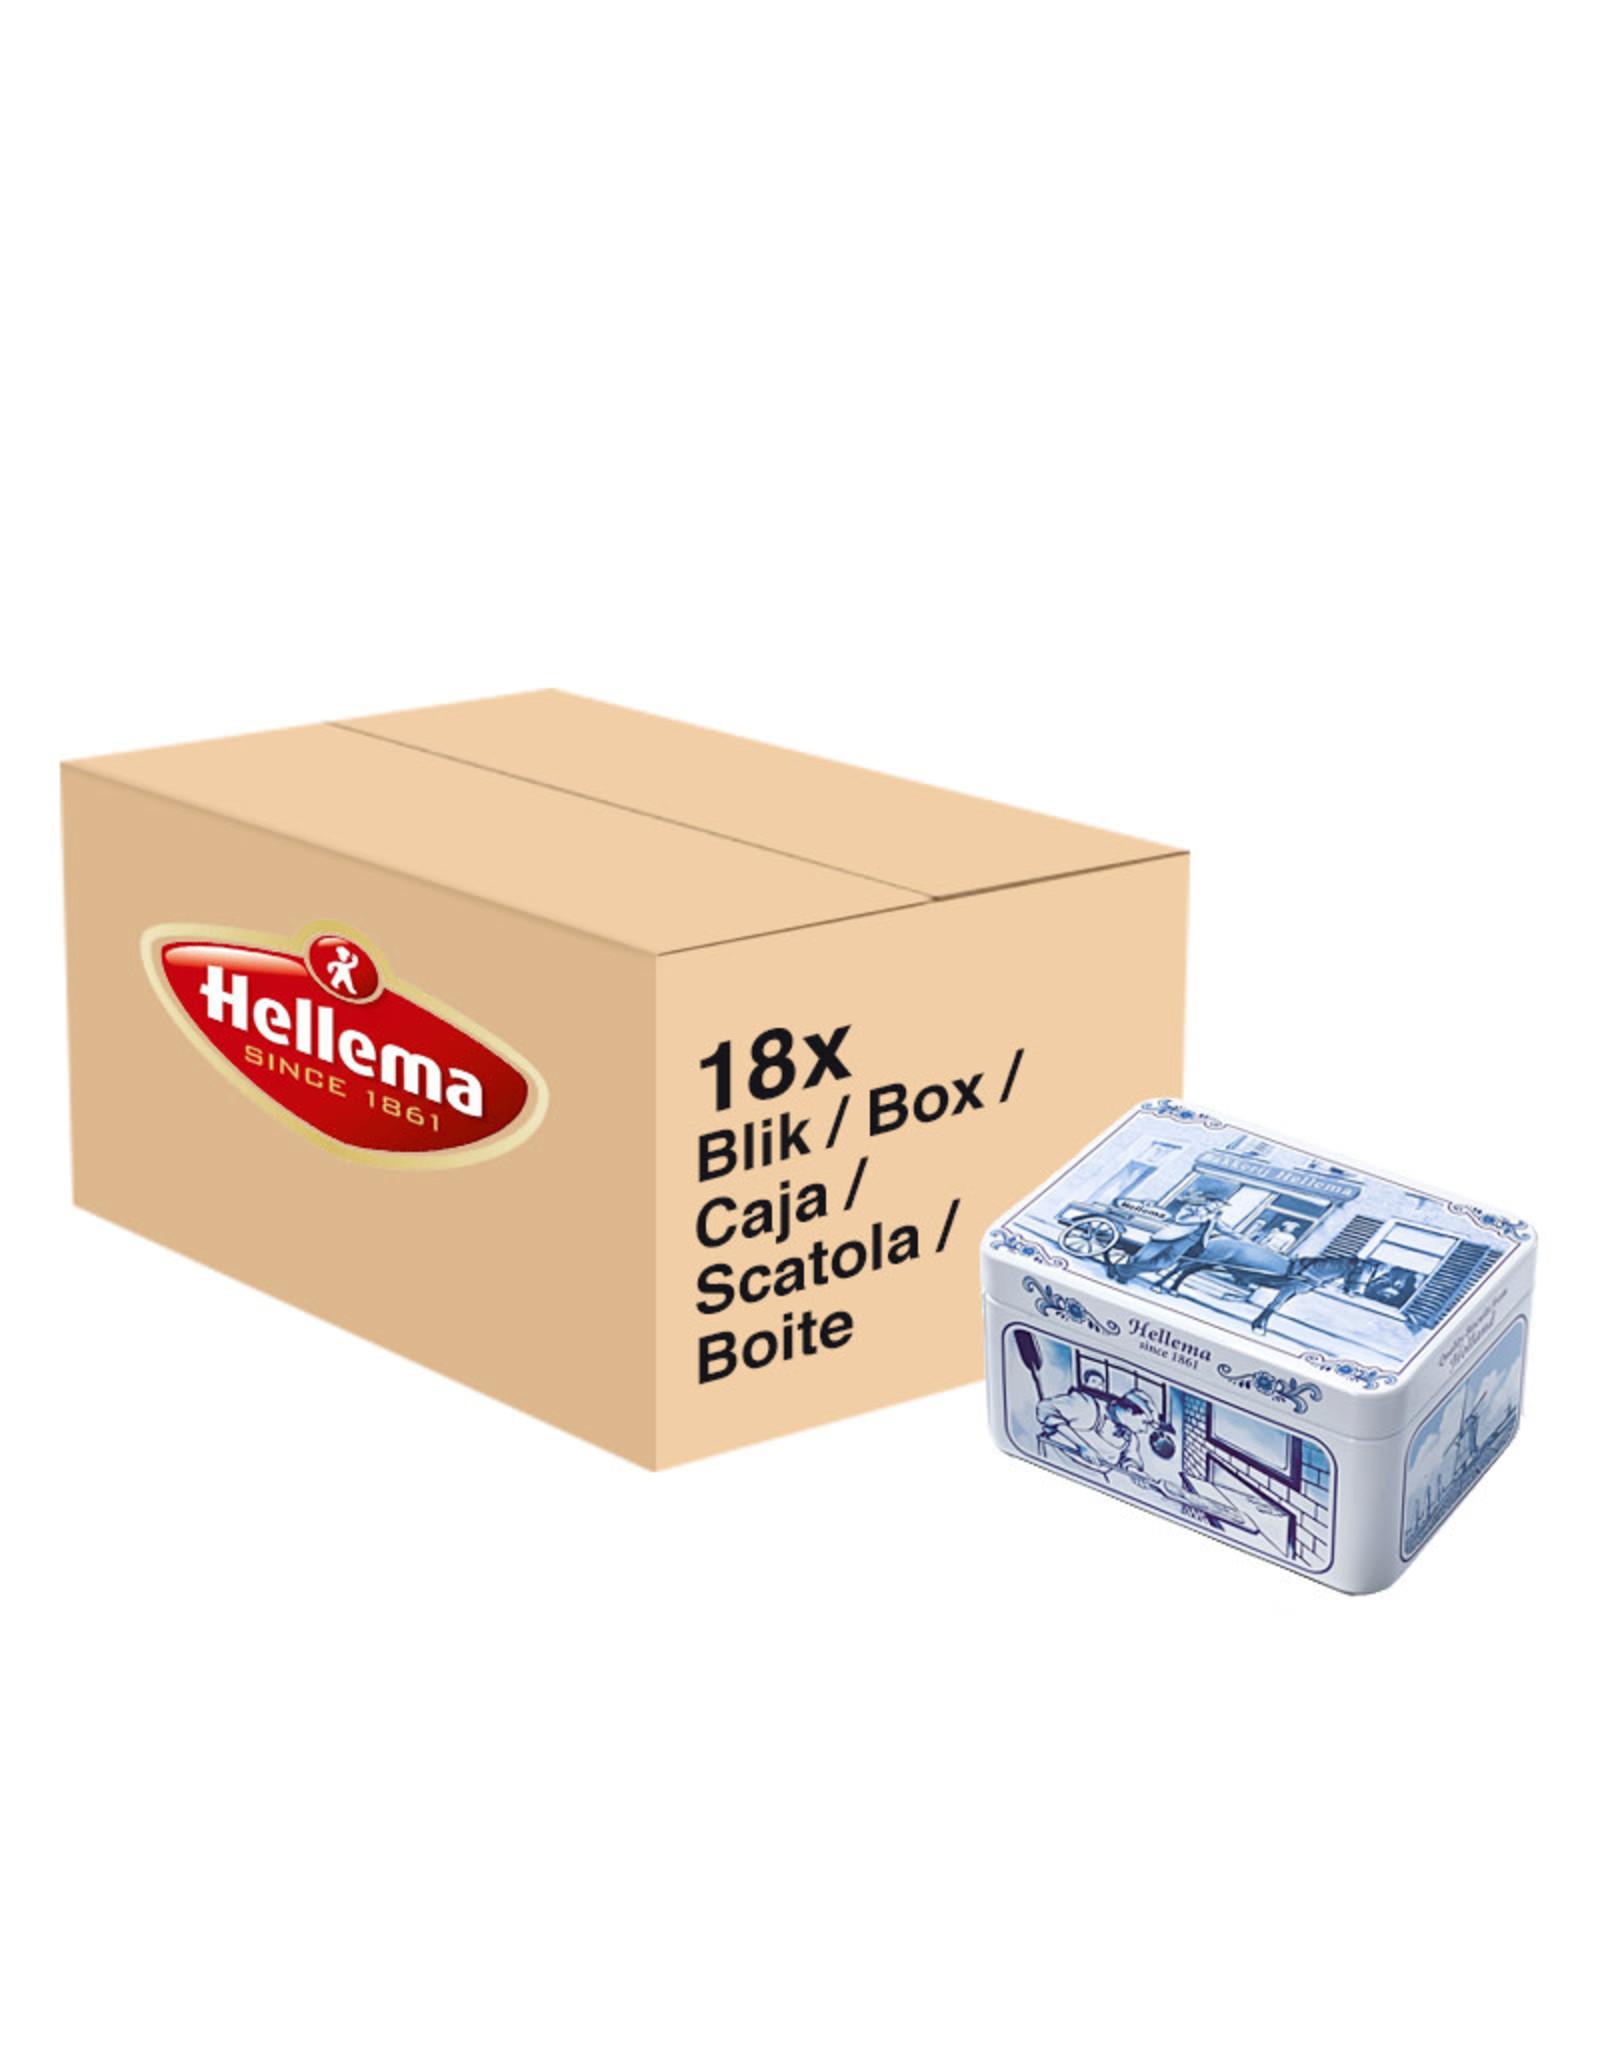 Hellema Hellema Blikspeculaas Klein - 18x 135 gram blik omdoos